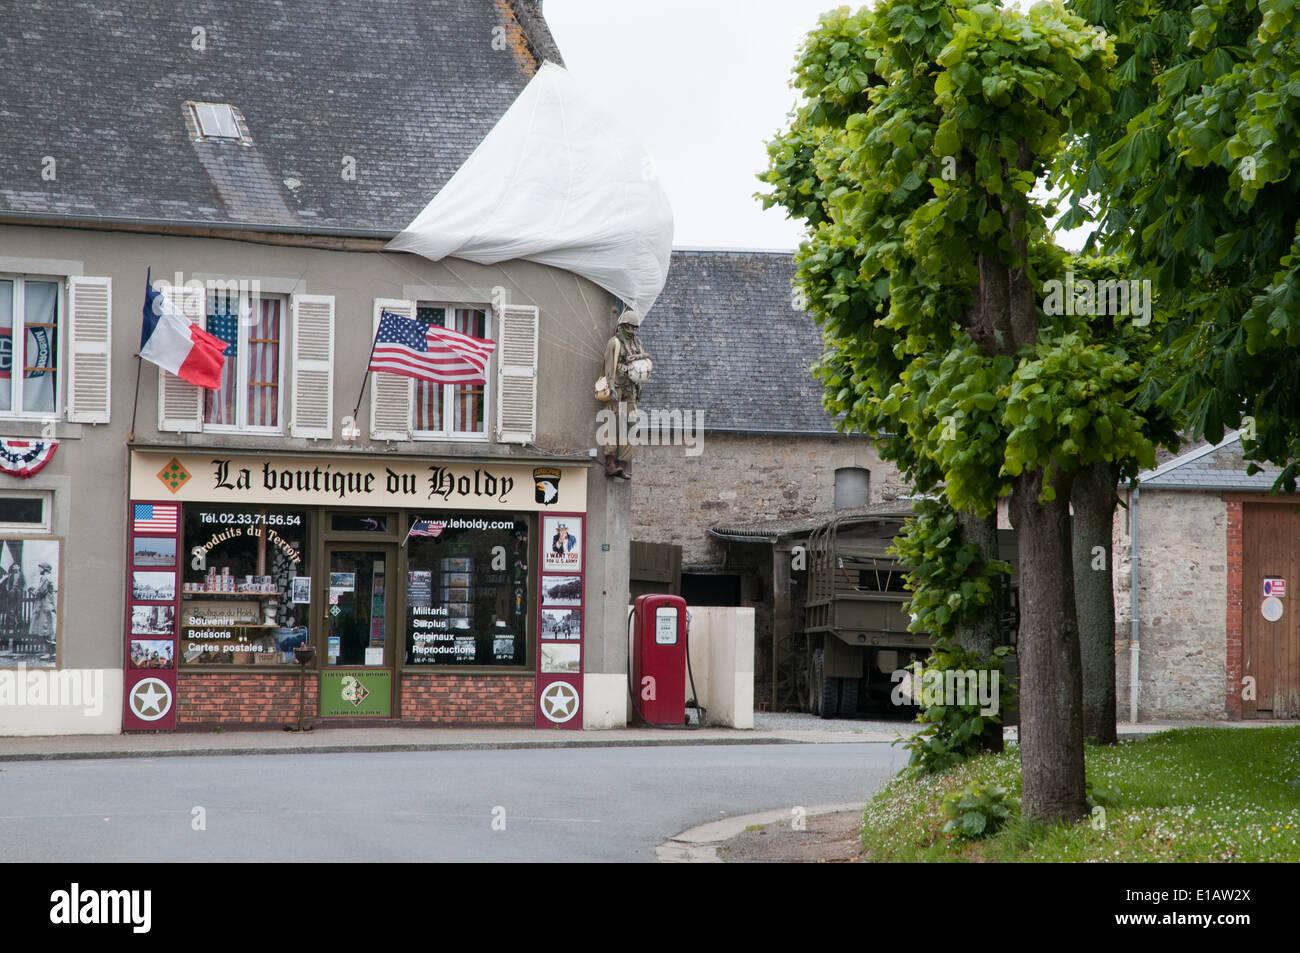 Sainte Marie du Mont, Website der amerikanischen Fallschirmjäger Landungen und erstes Dorf in der Normandie Invasion befreit werden Stockbild